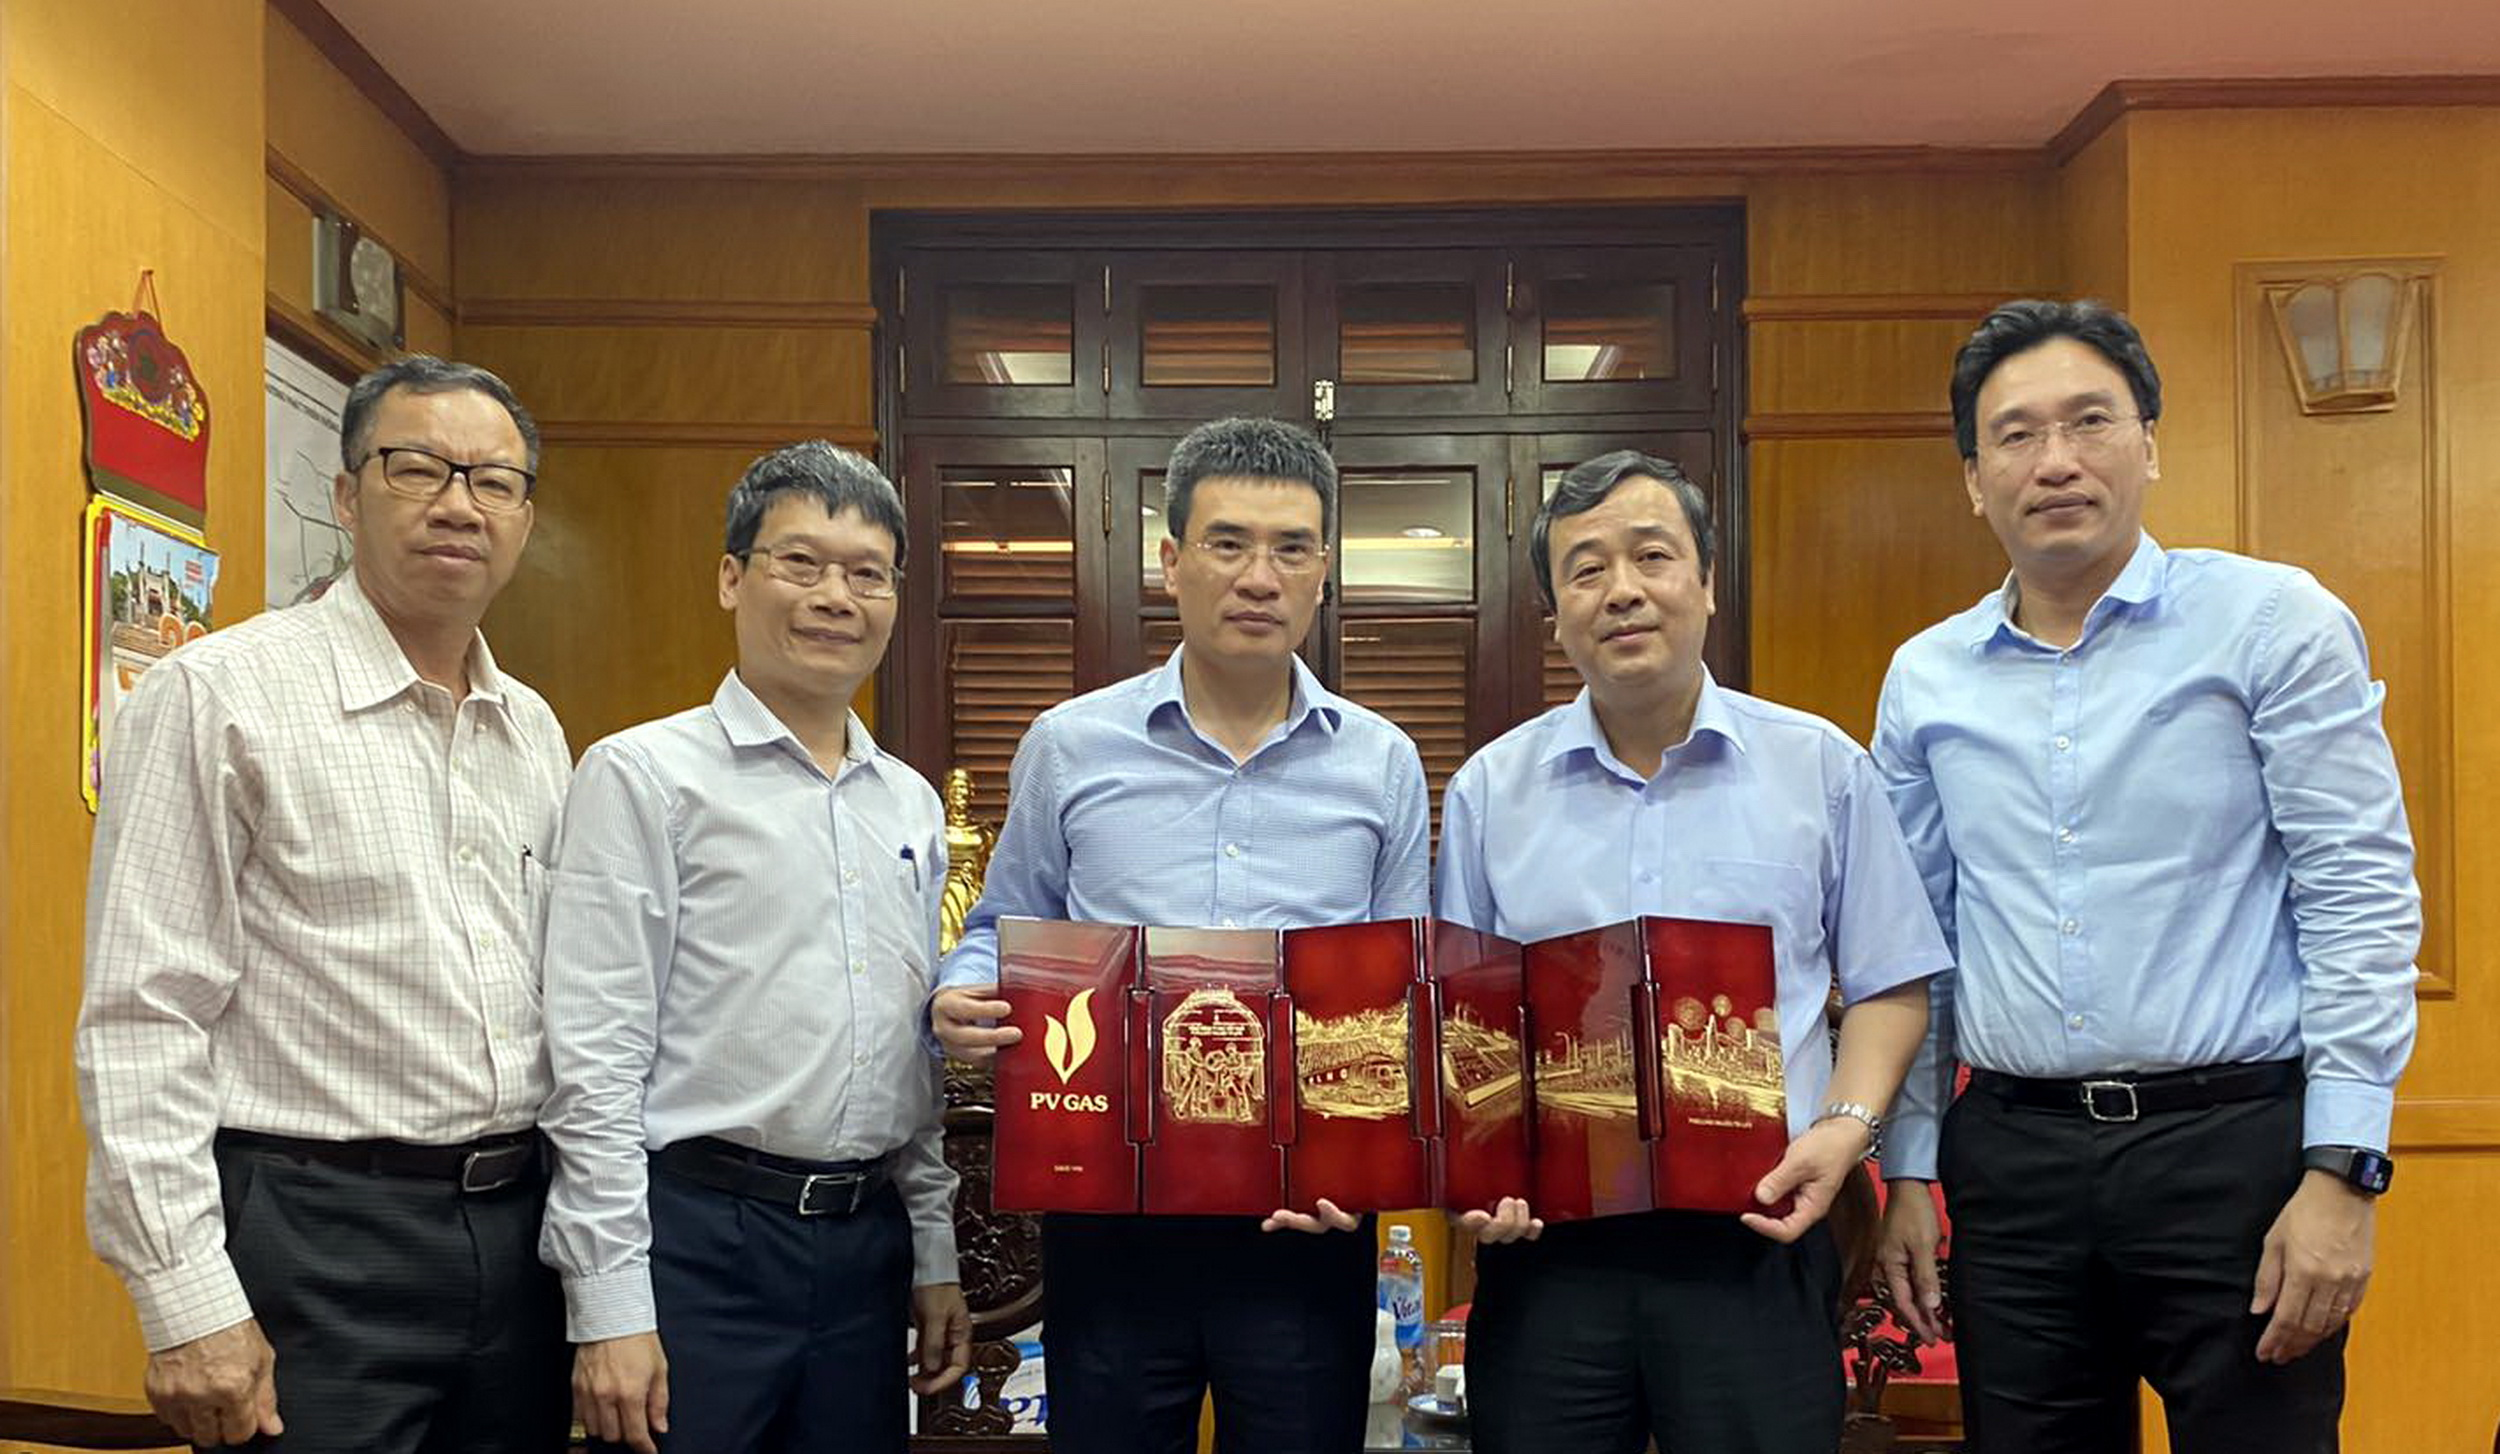 Trao tặng lưu niệm PV GAS cho lãnh đạo tỉnh Thái Bình